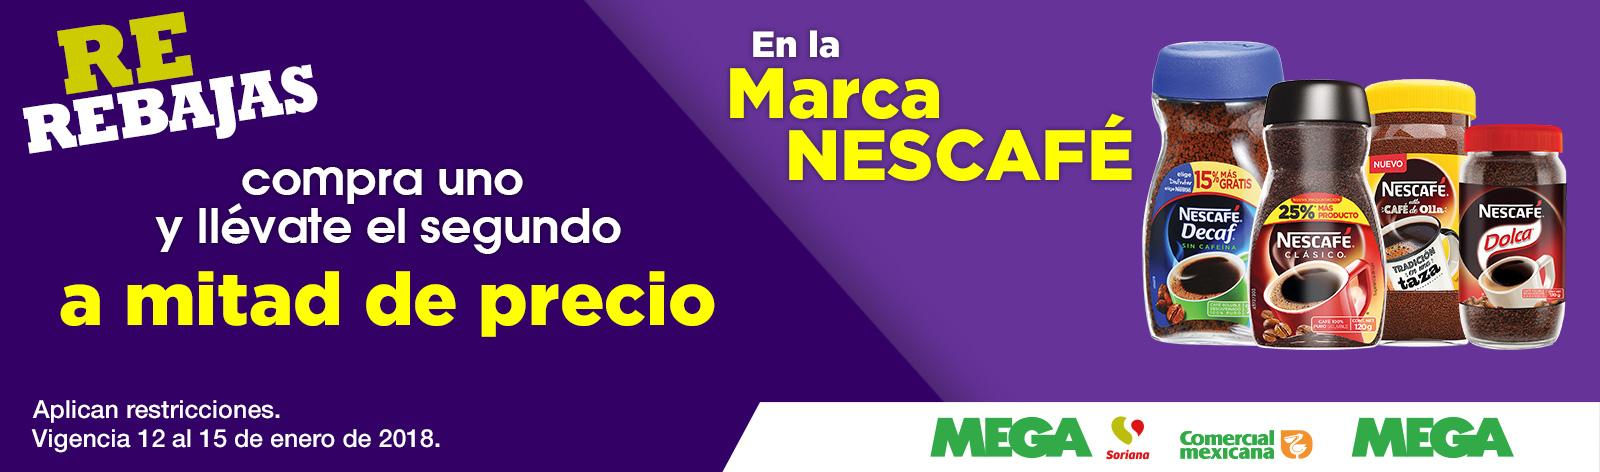 Comercial mexicana y MEGA; Soriana Hiper y Super: 2x1 1/2 en todo el Nescafé este fin de semana